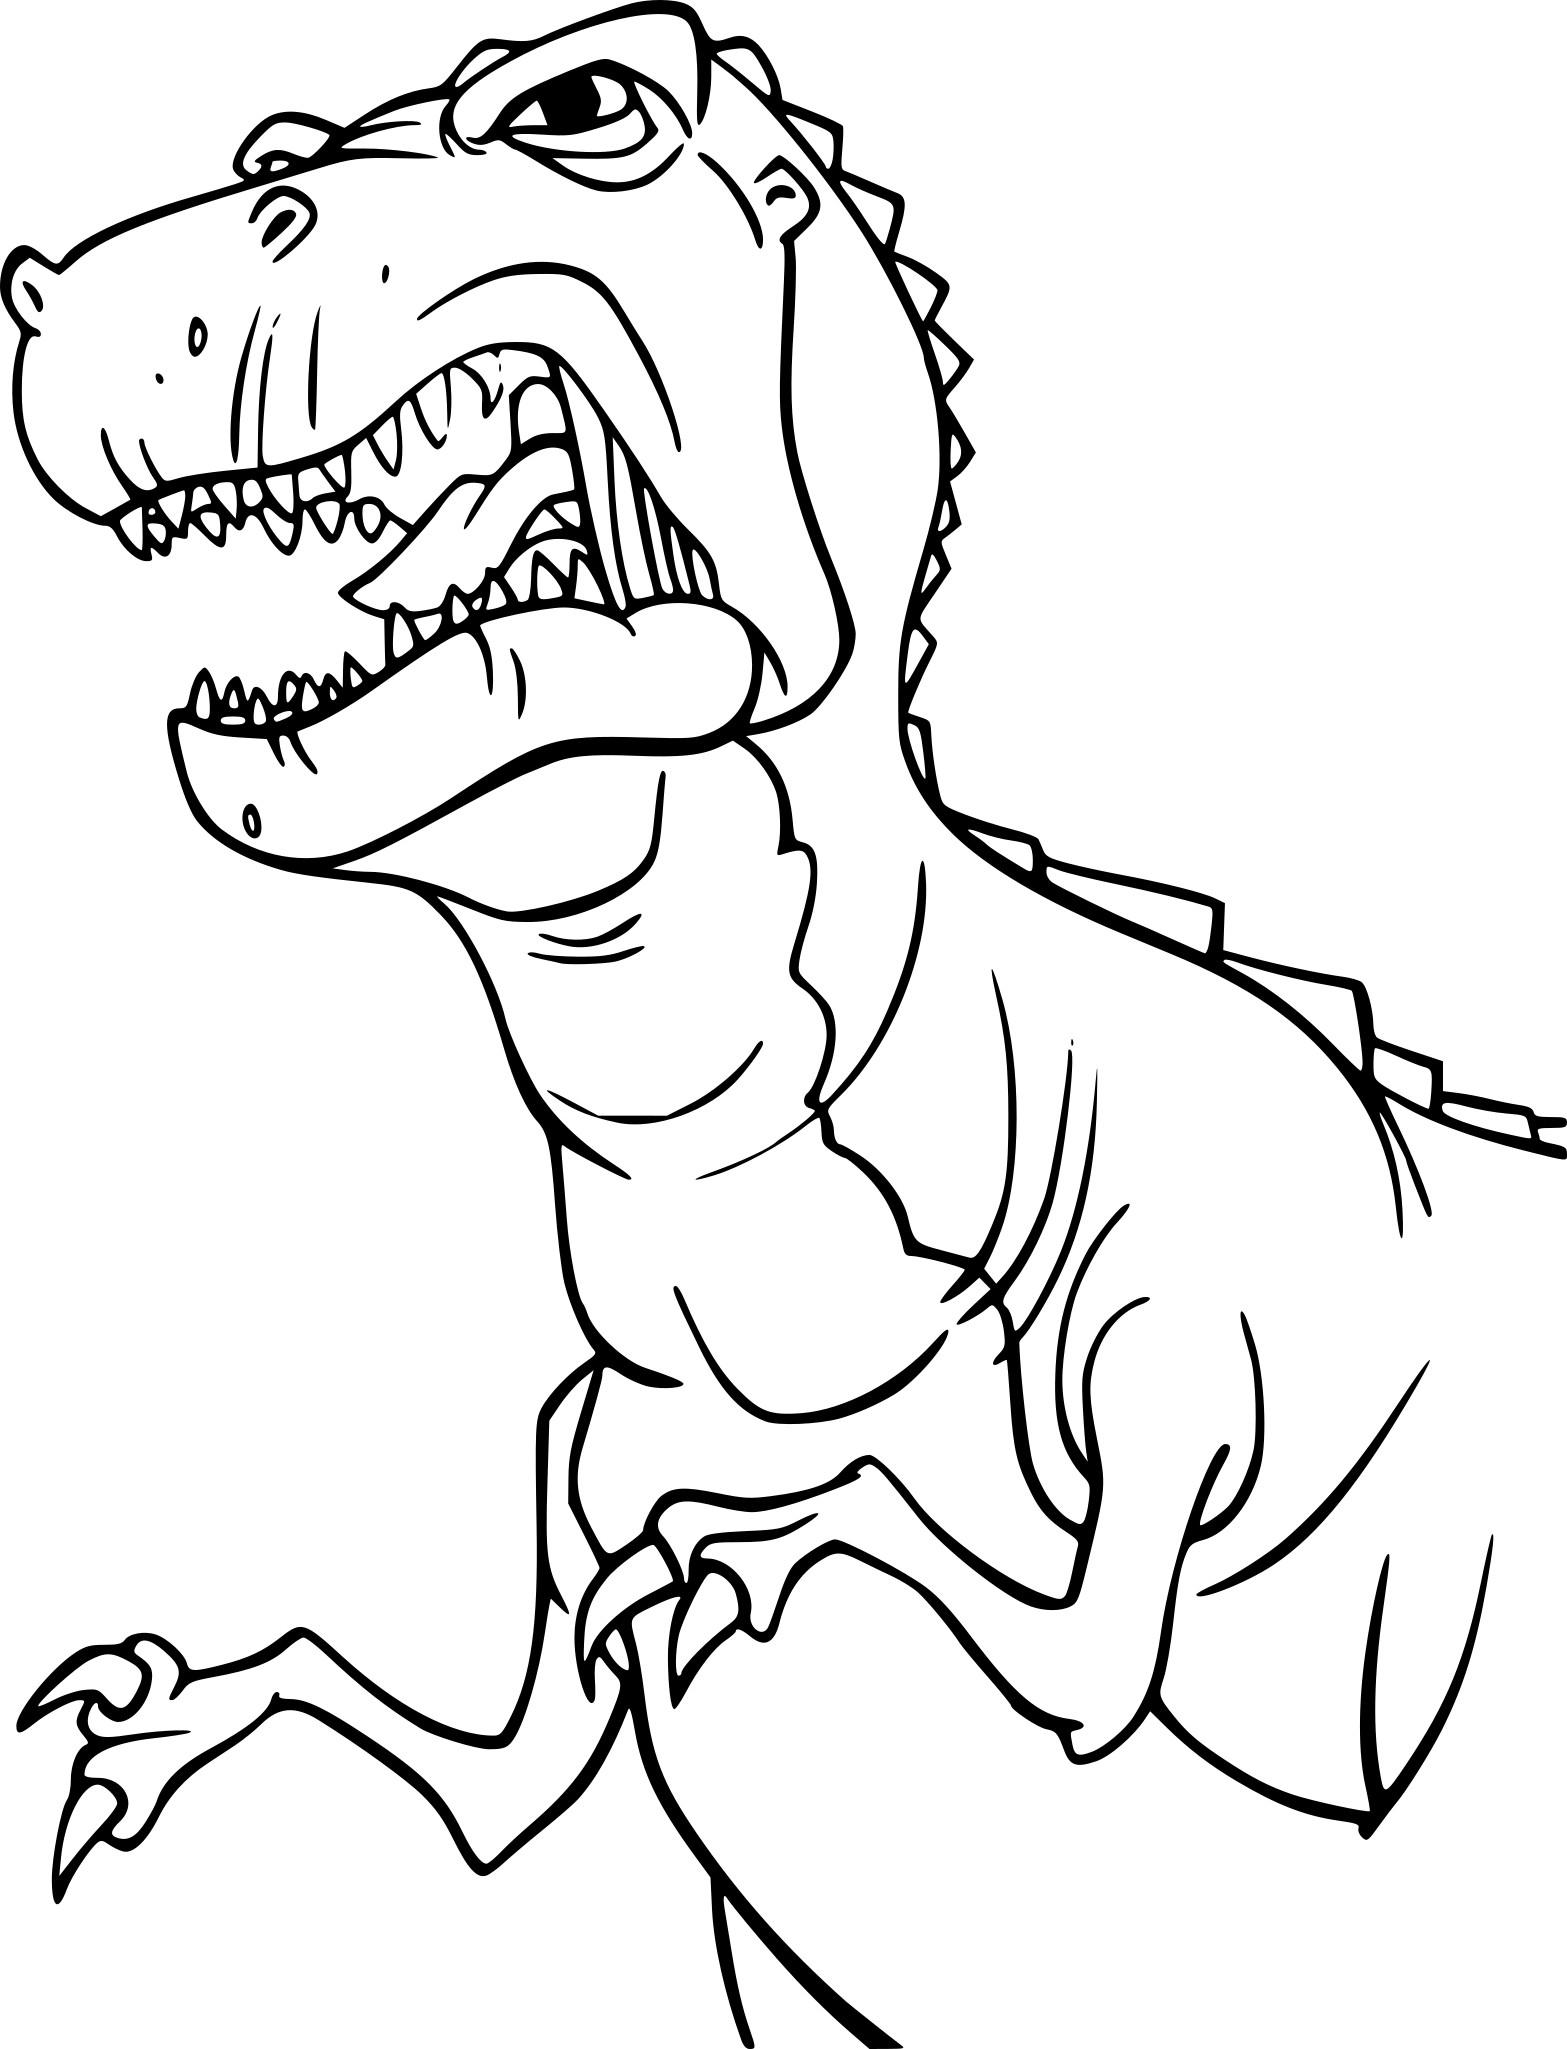 Coloriage Dinosaure Tyrex À Imprimer Sur Coloriages pour Coloriage Dinosaure